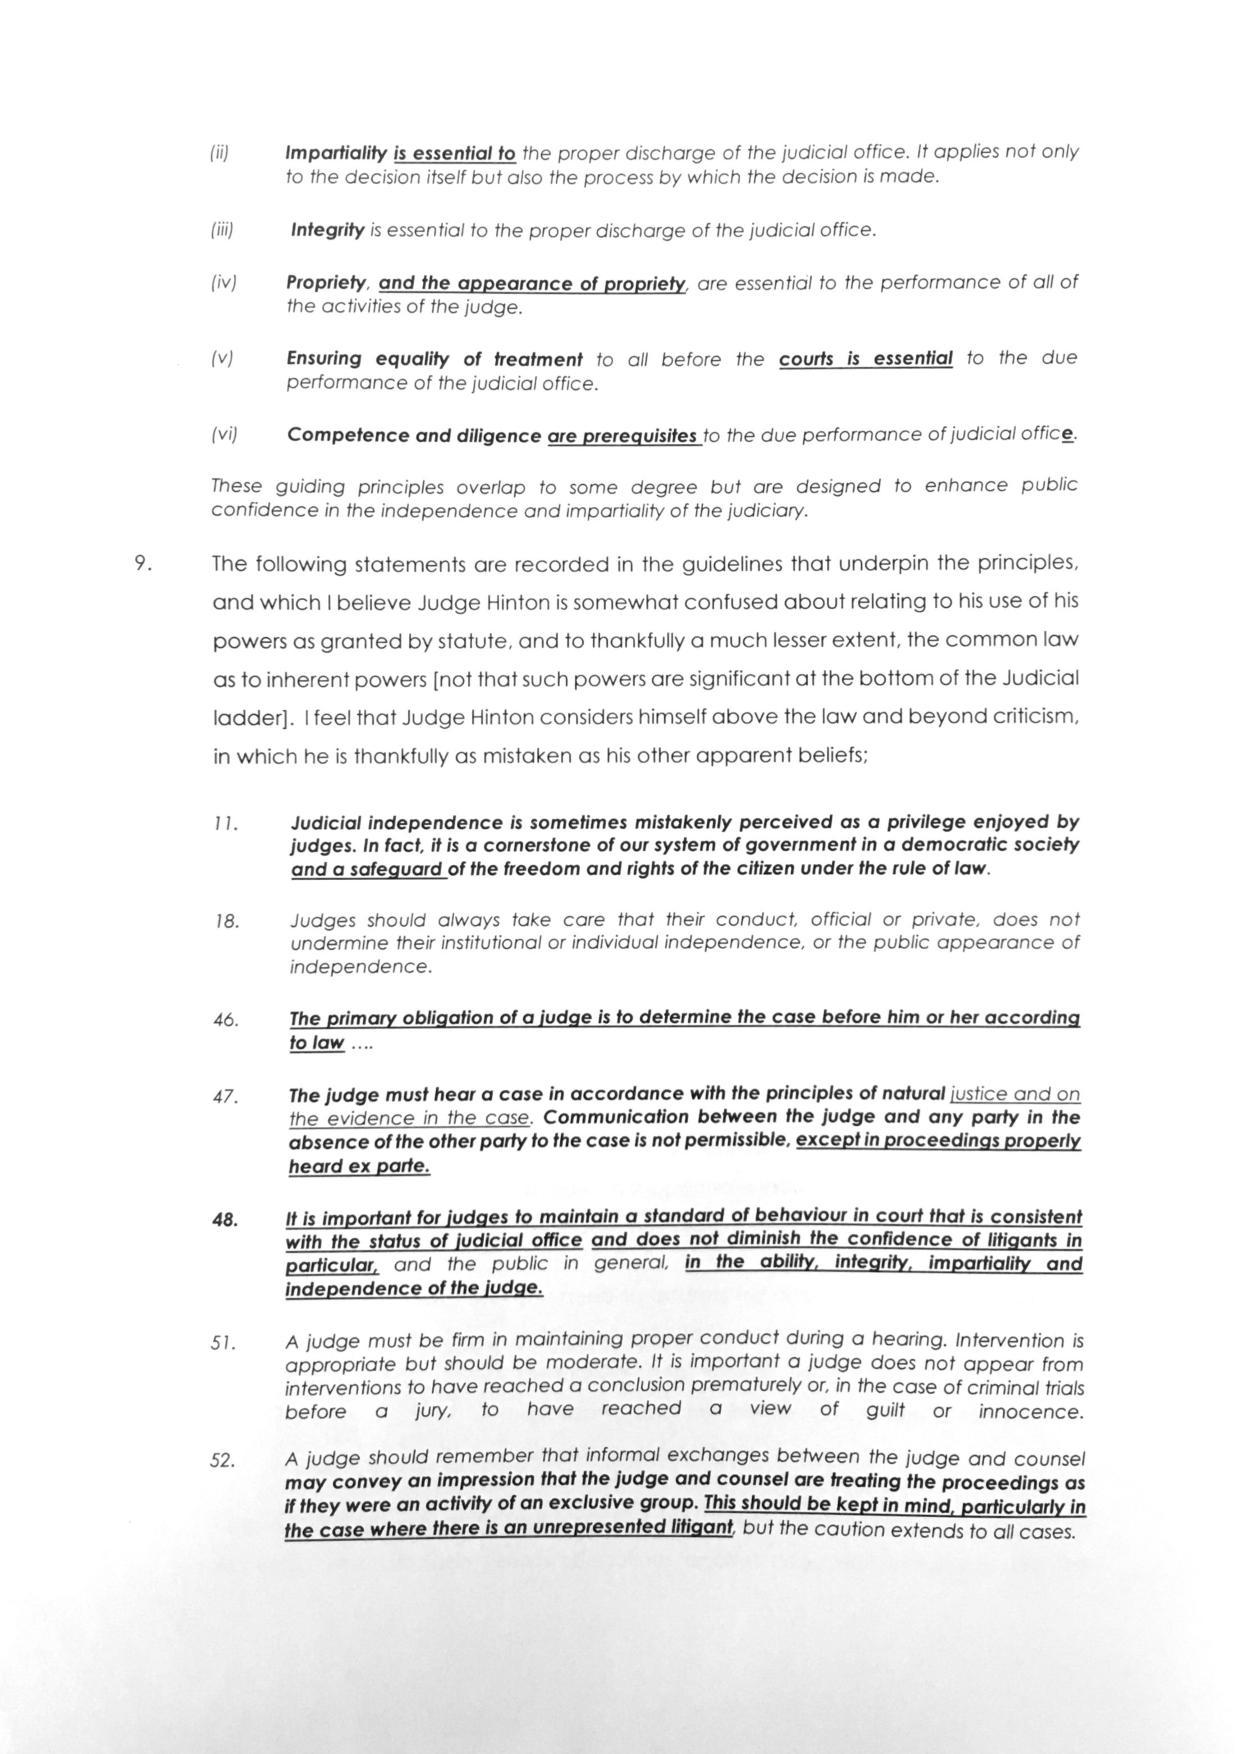 letter-re-corruption-page-004